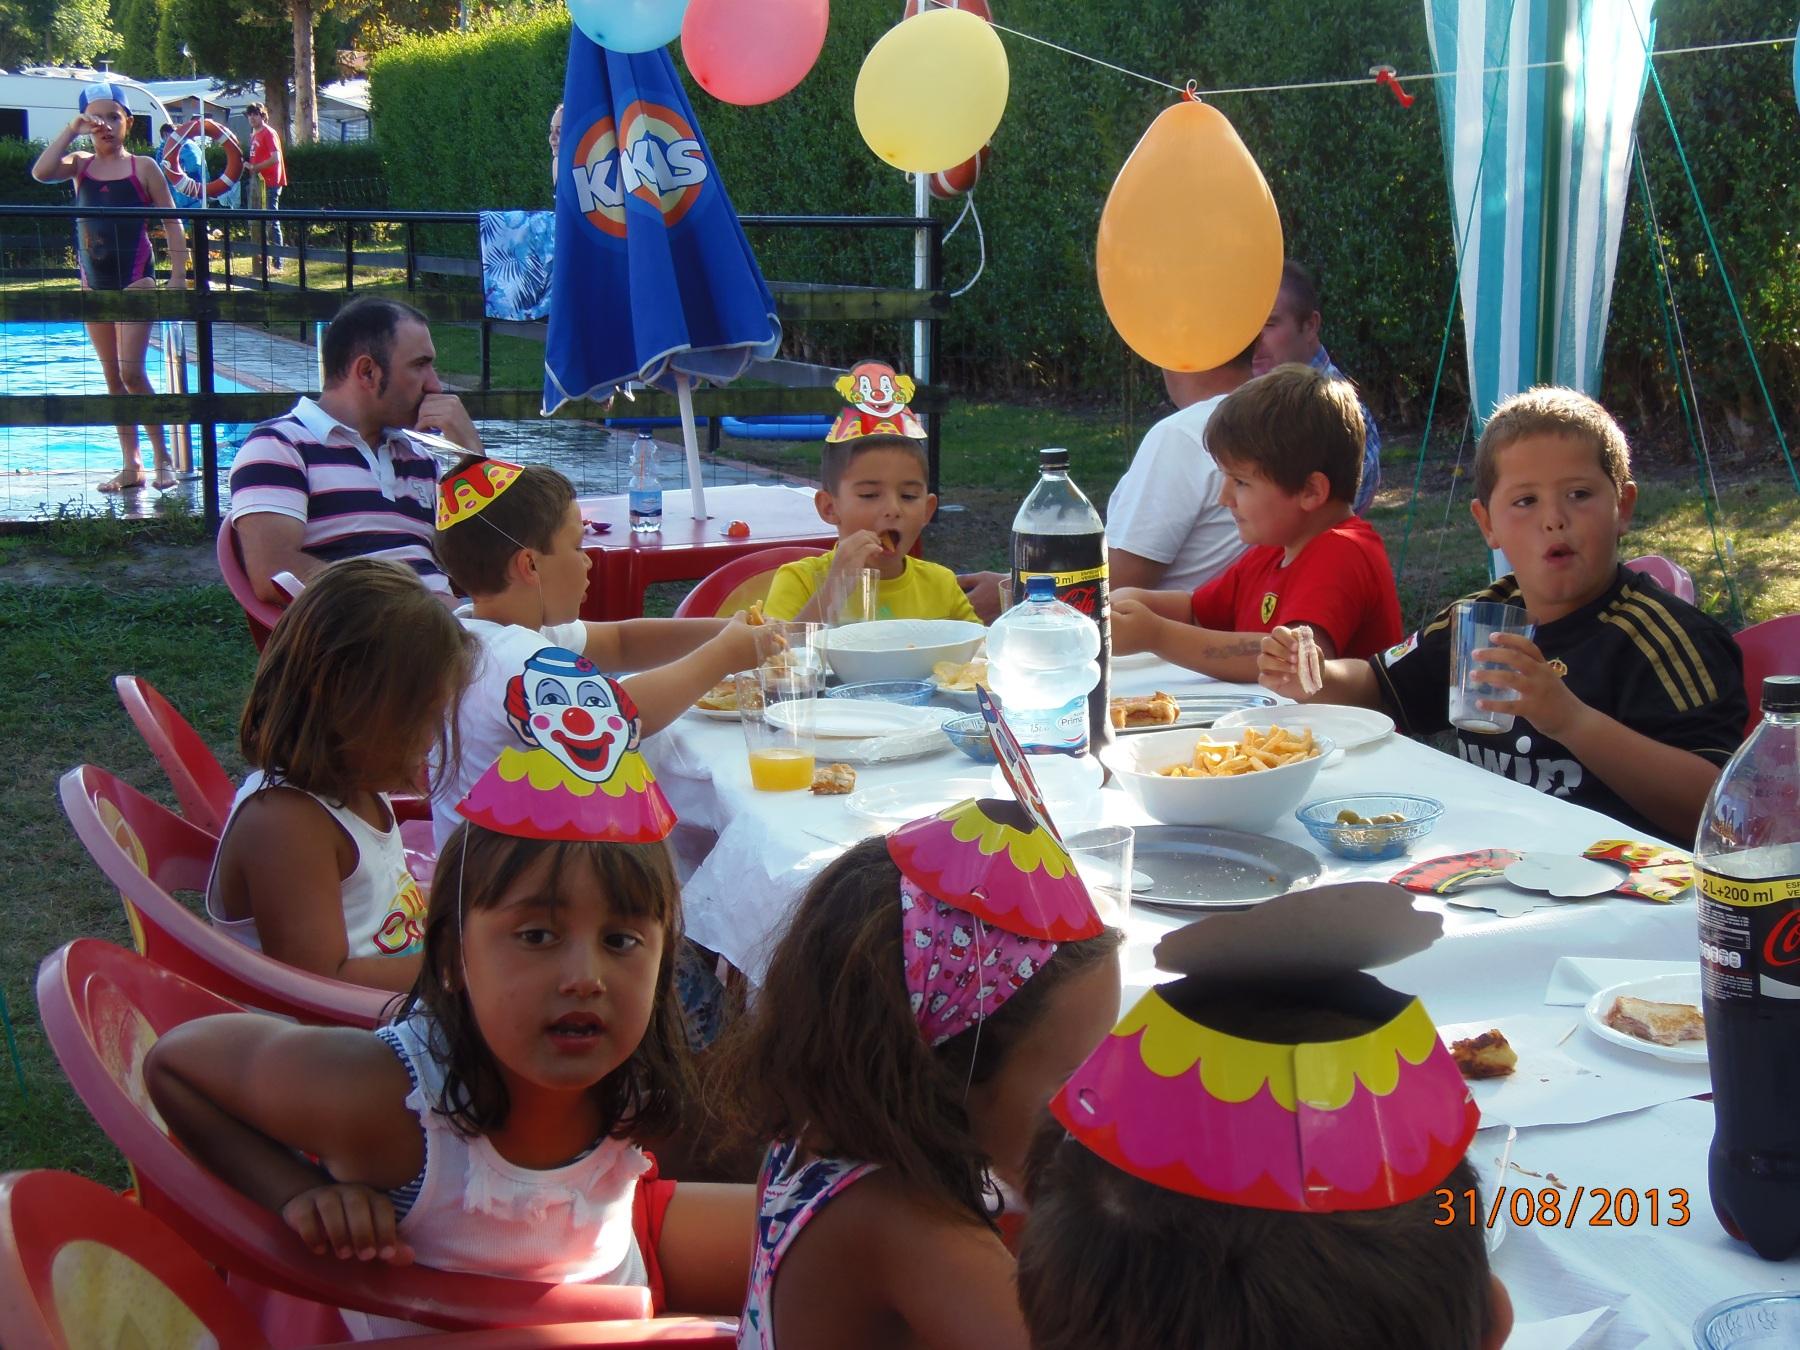 Celebra tu cumplea os en camping la rasa camping villaviciosa asturias bungalows cerca playa - Cumpleanos en piscina ...